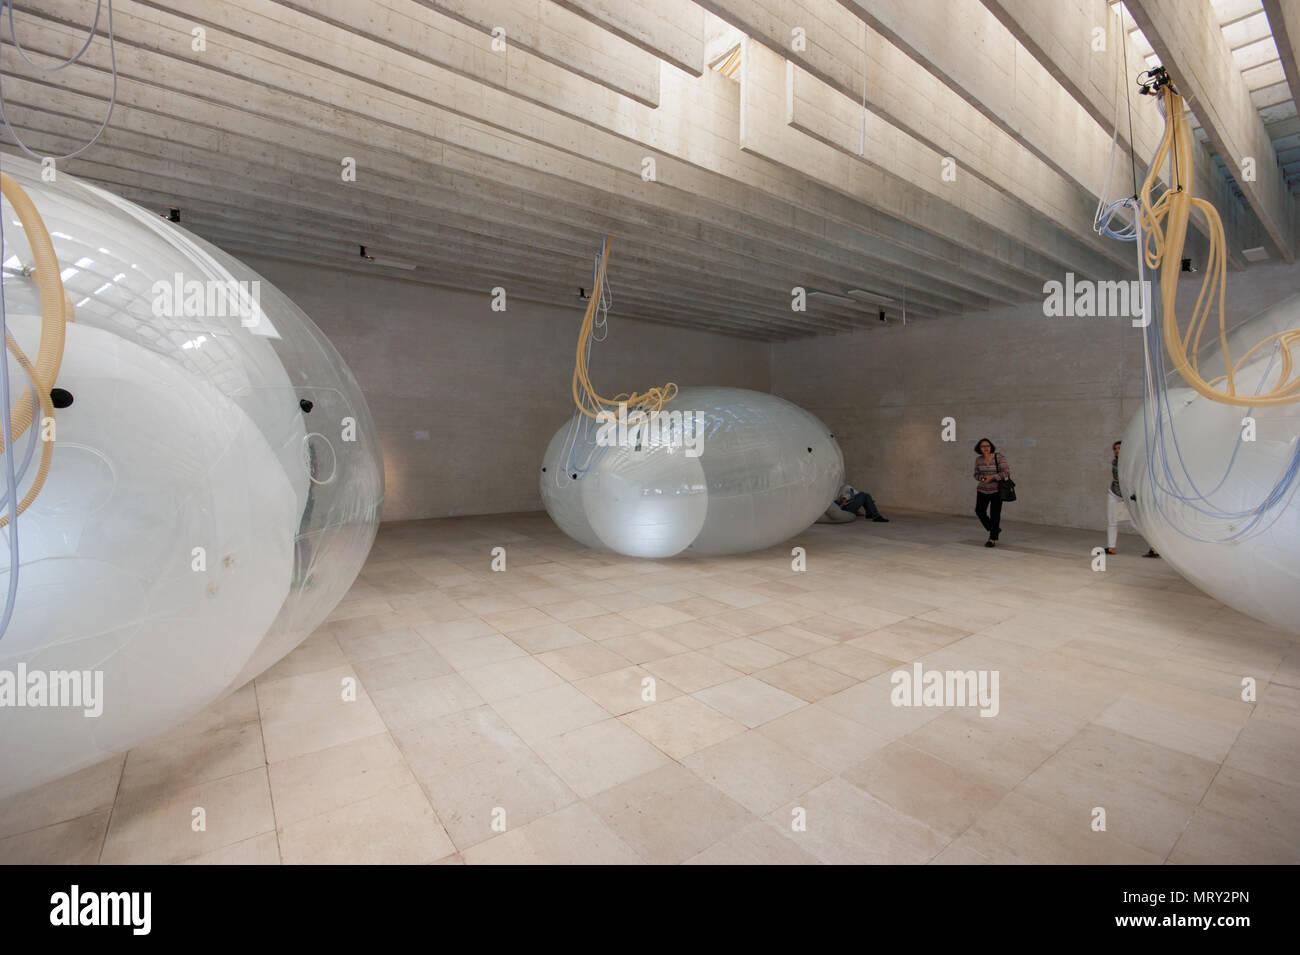 Otra generosidad por Noruega 's Lunden empresa de arquitectura, exposición de los países nórdicos en el Pabellón Bienal de Arquitectura de Venecia 2018 Imagen De Stock